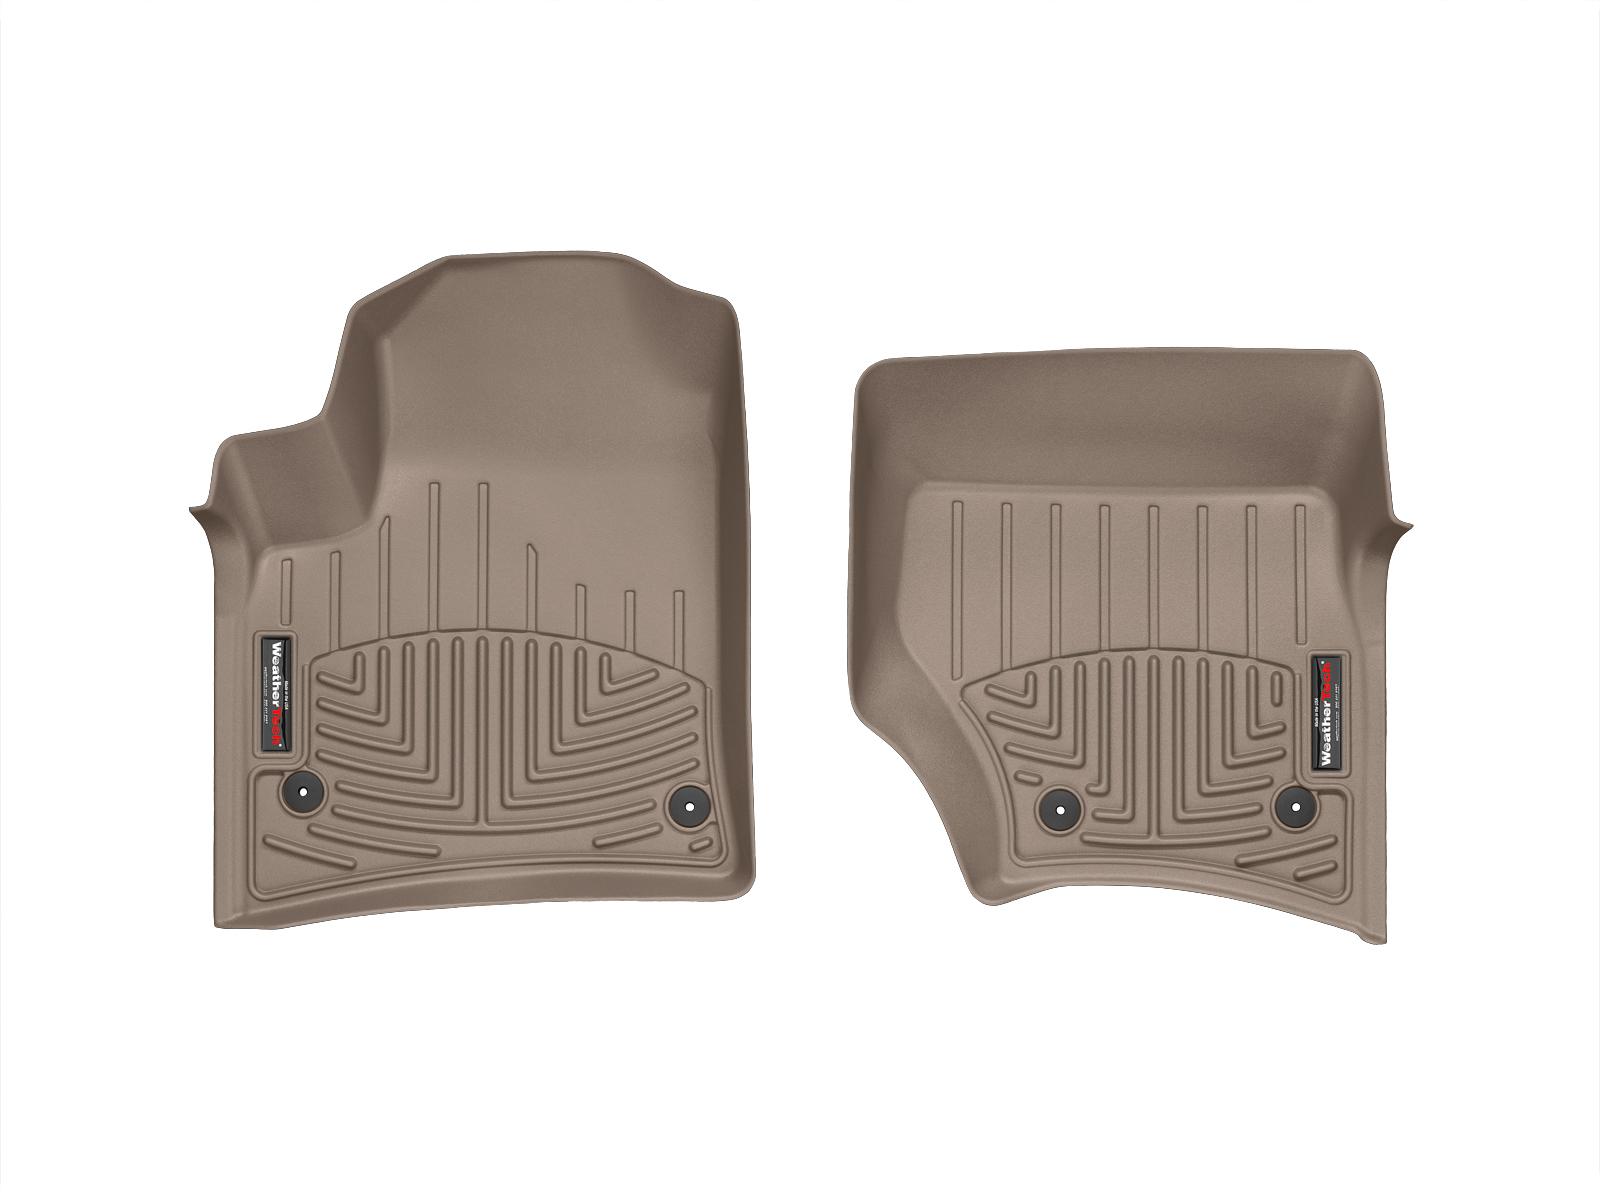 Tappeti gomma su misura bordo alto Volkswagen Touareg 07>08 Marrone A4292*